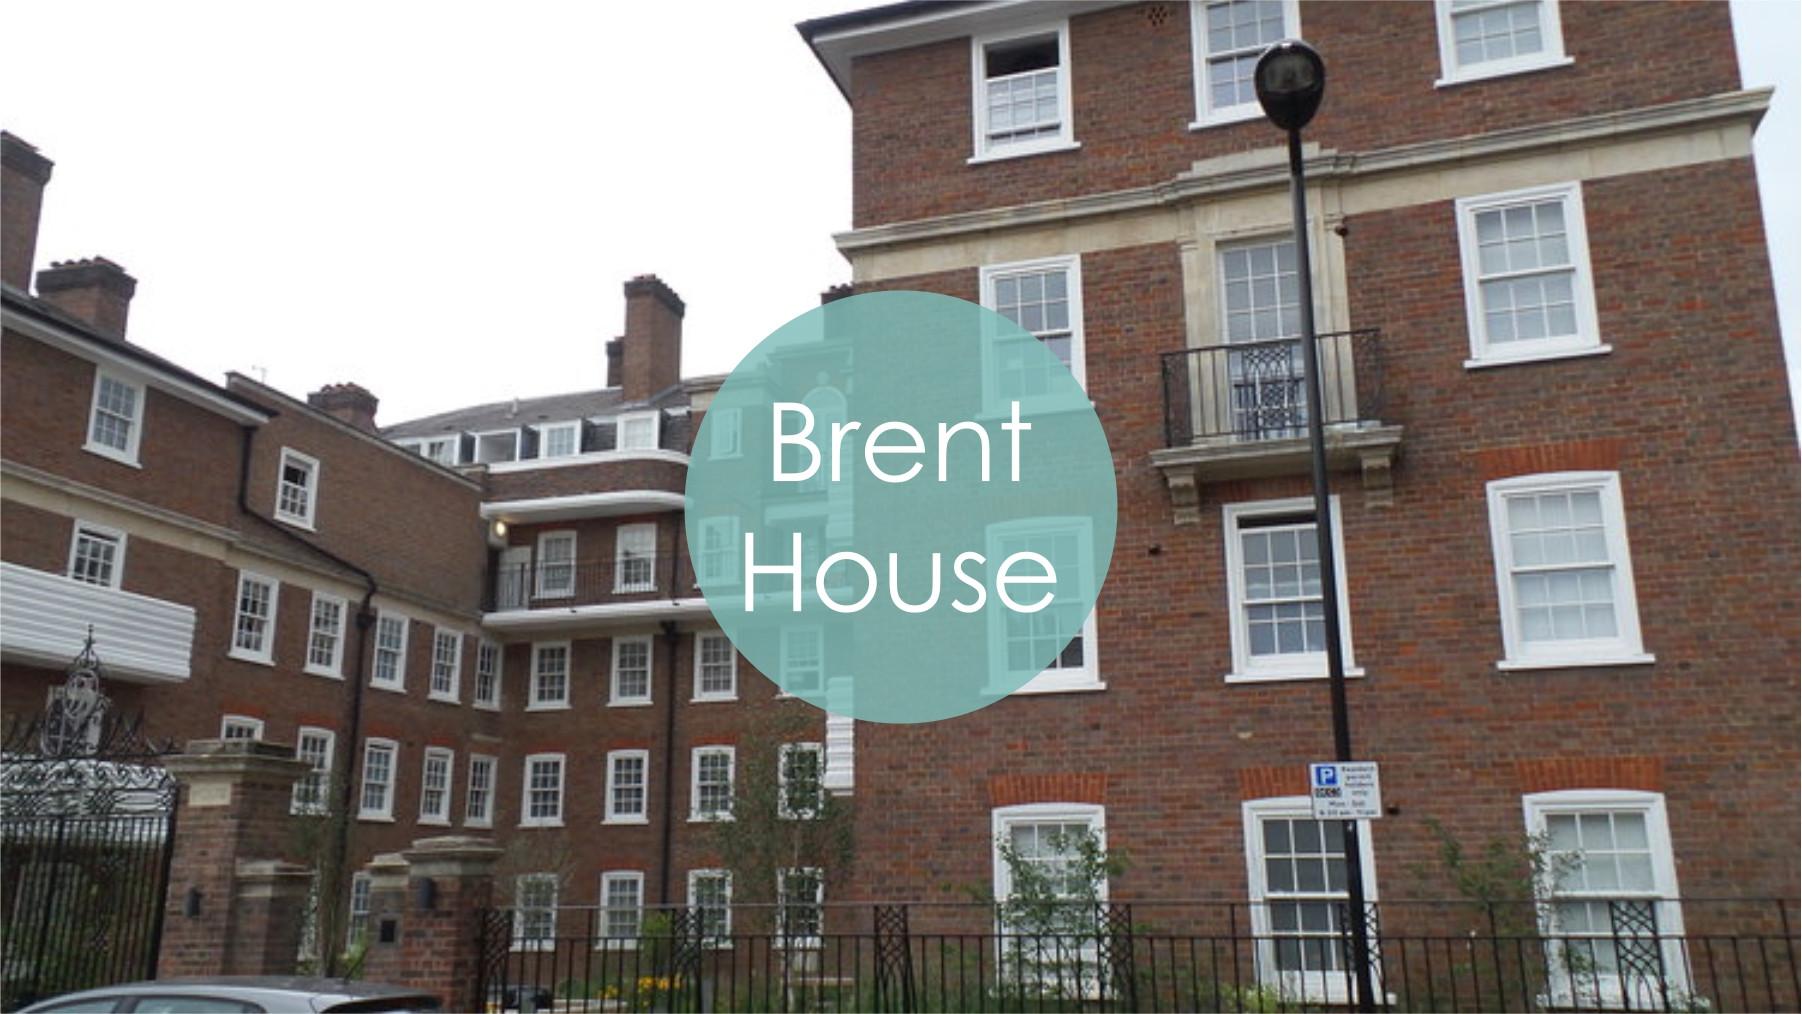 brent-house.jpg